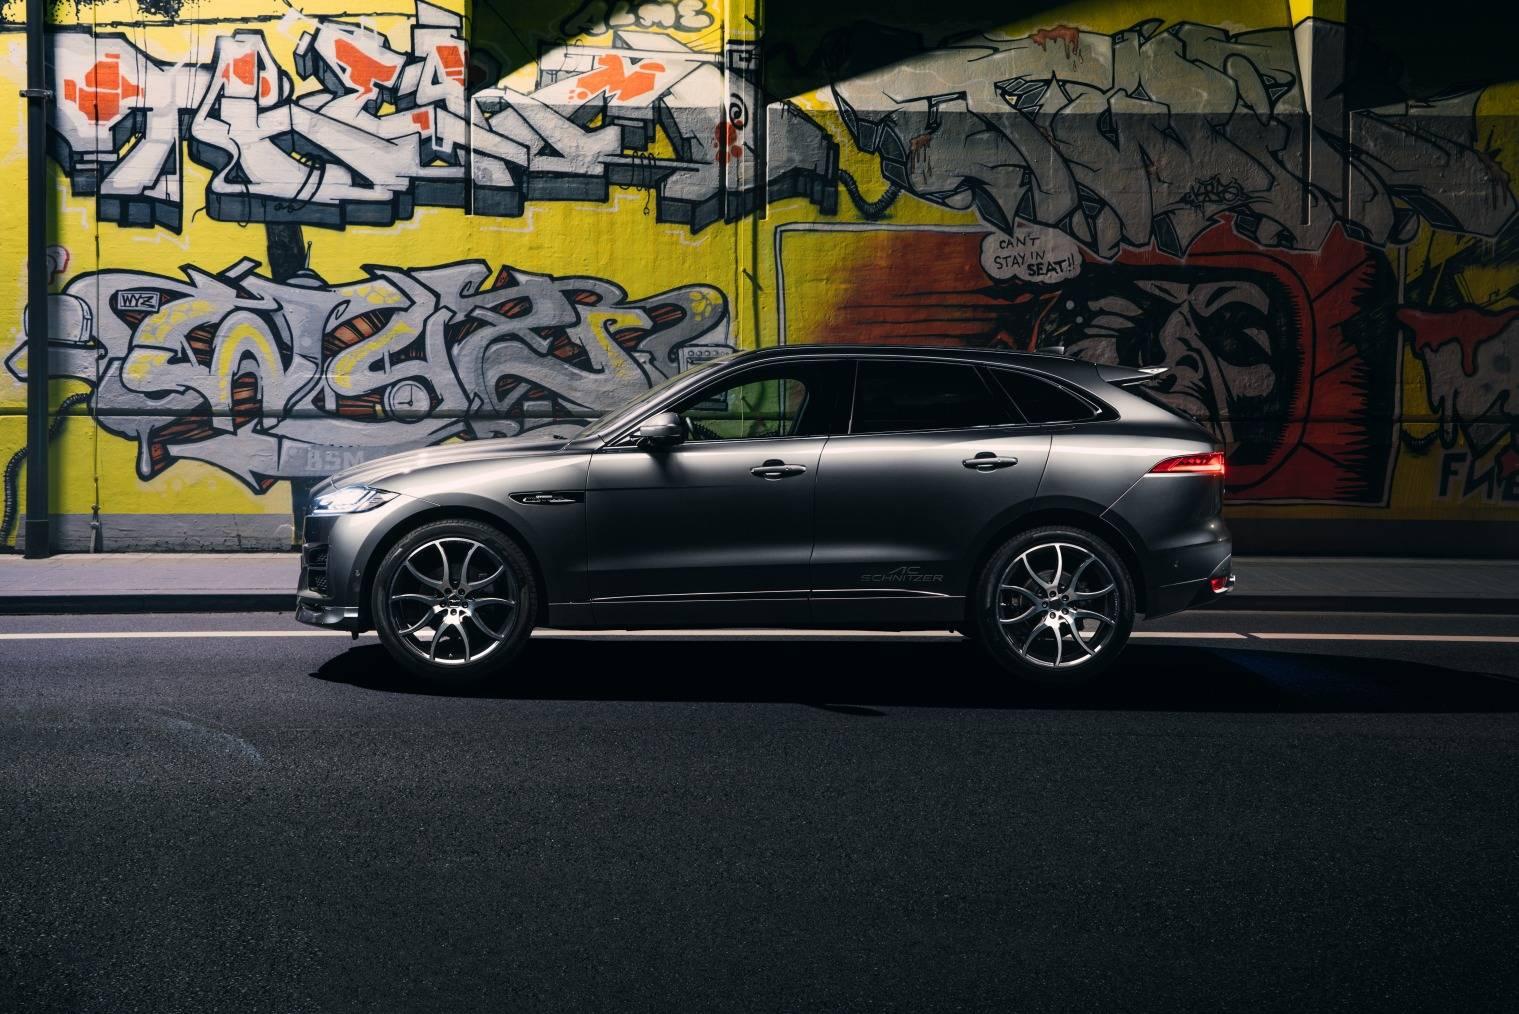 Помимо BMW и Mini, немецкий тюнер также имеет некоторый опыт в настройке автомобилей Land Rover.